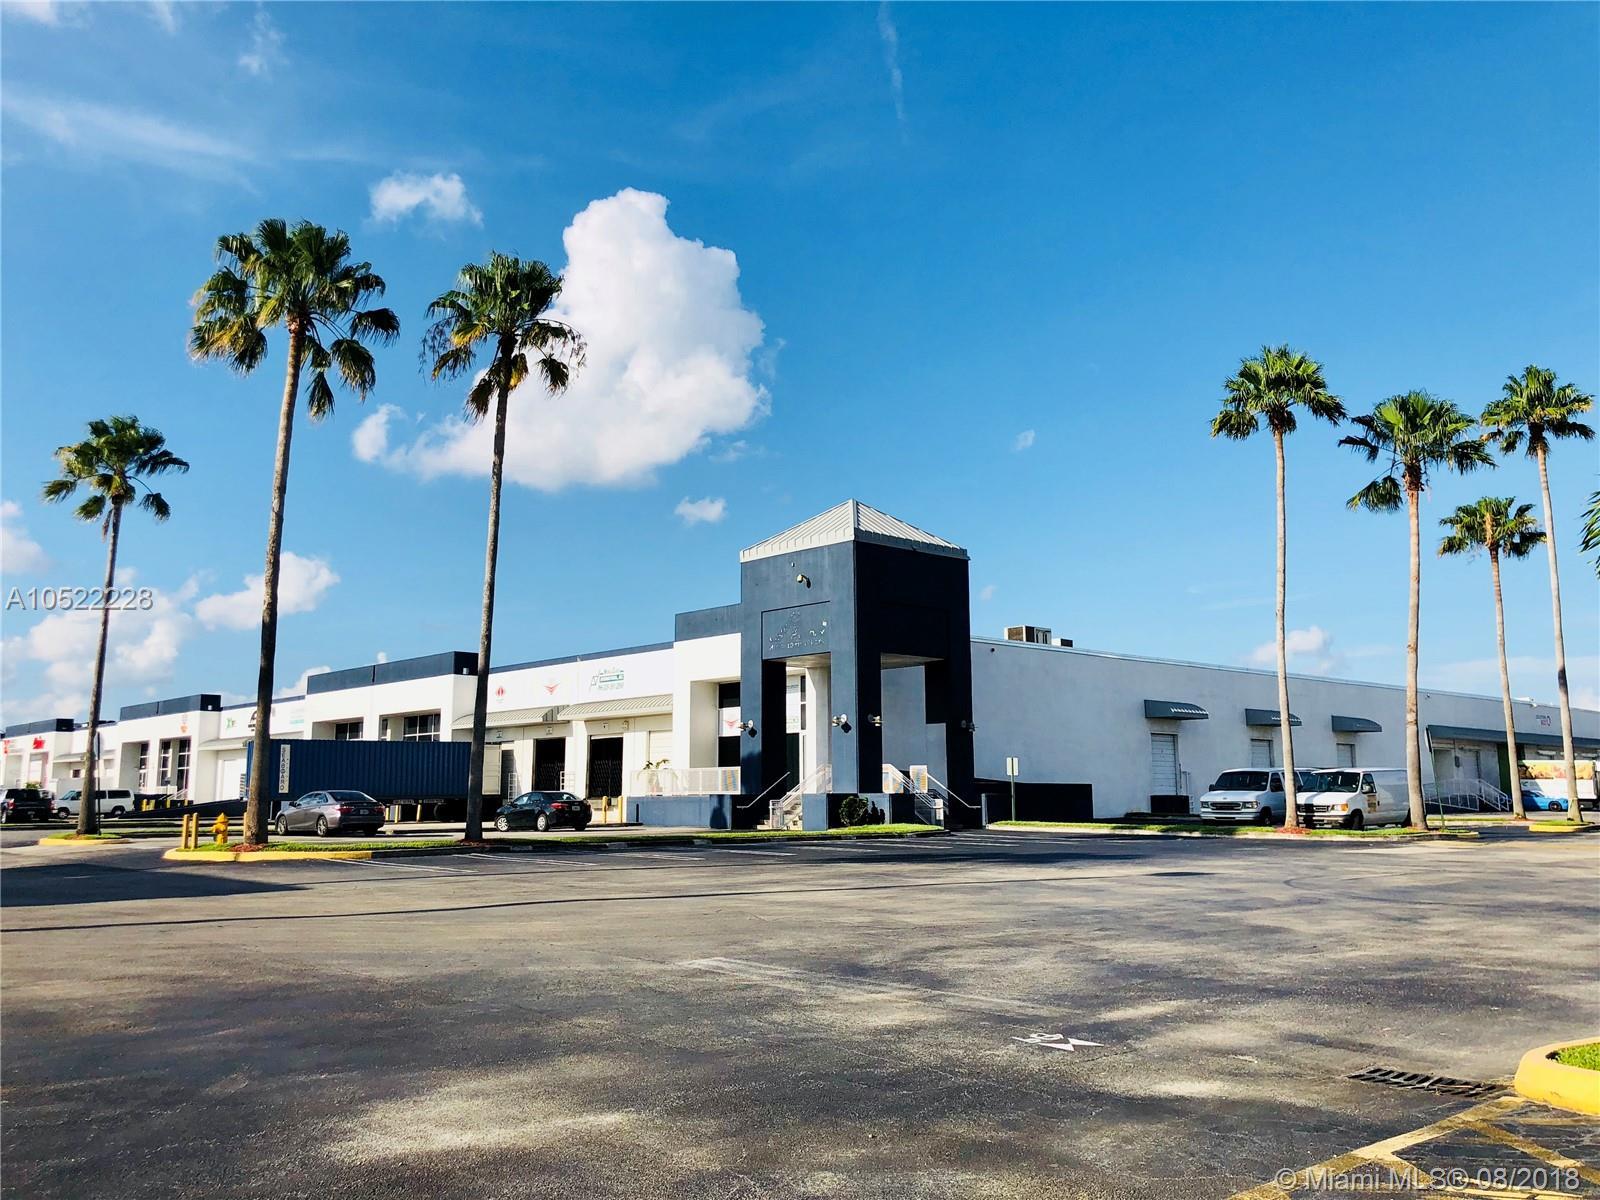 7500 NW 25th St 7, Miami, FL 33122